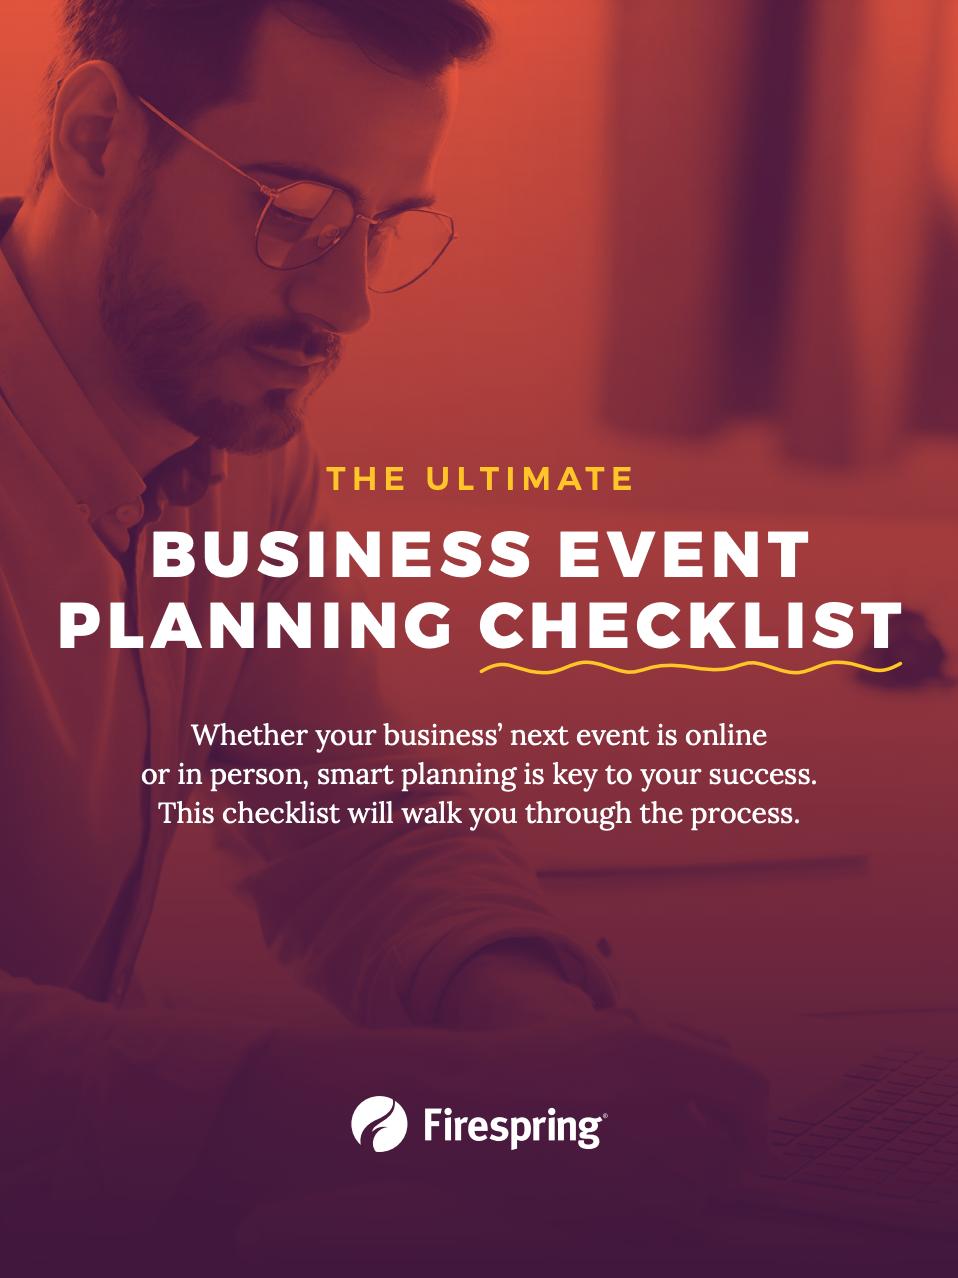 Business event planning checklist